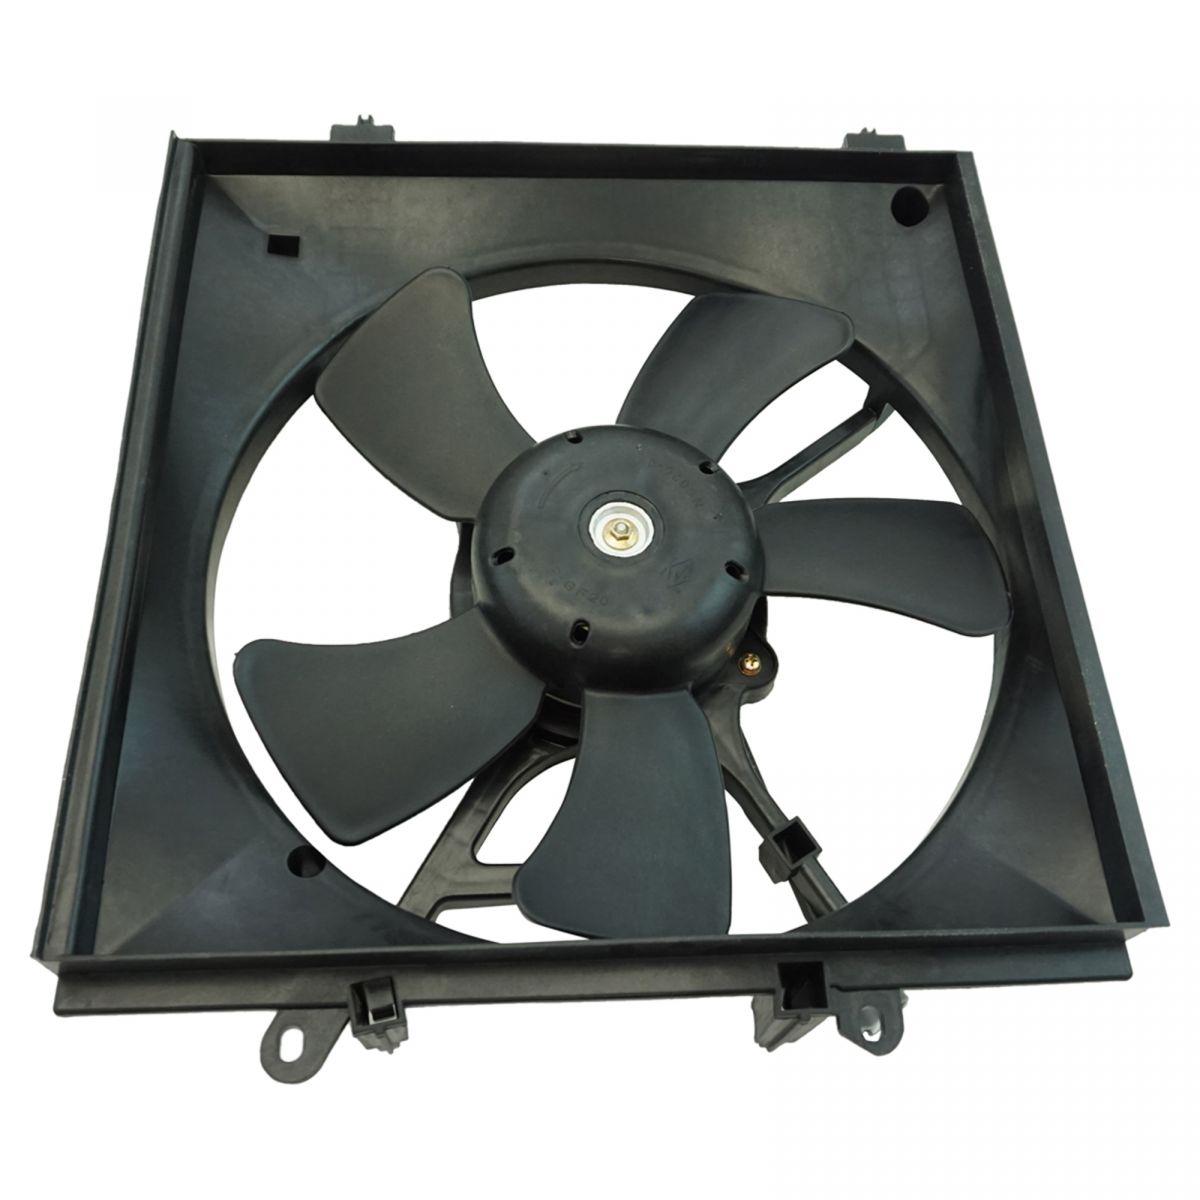 Radiator Cooling Fan Assembly For 2002 Mitsubishi Lancer 2.0L MR464708 MI3115109